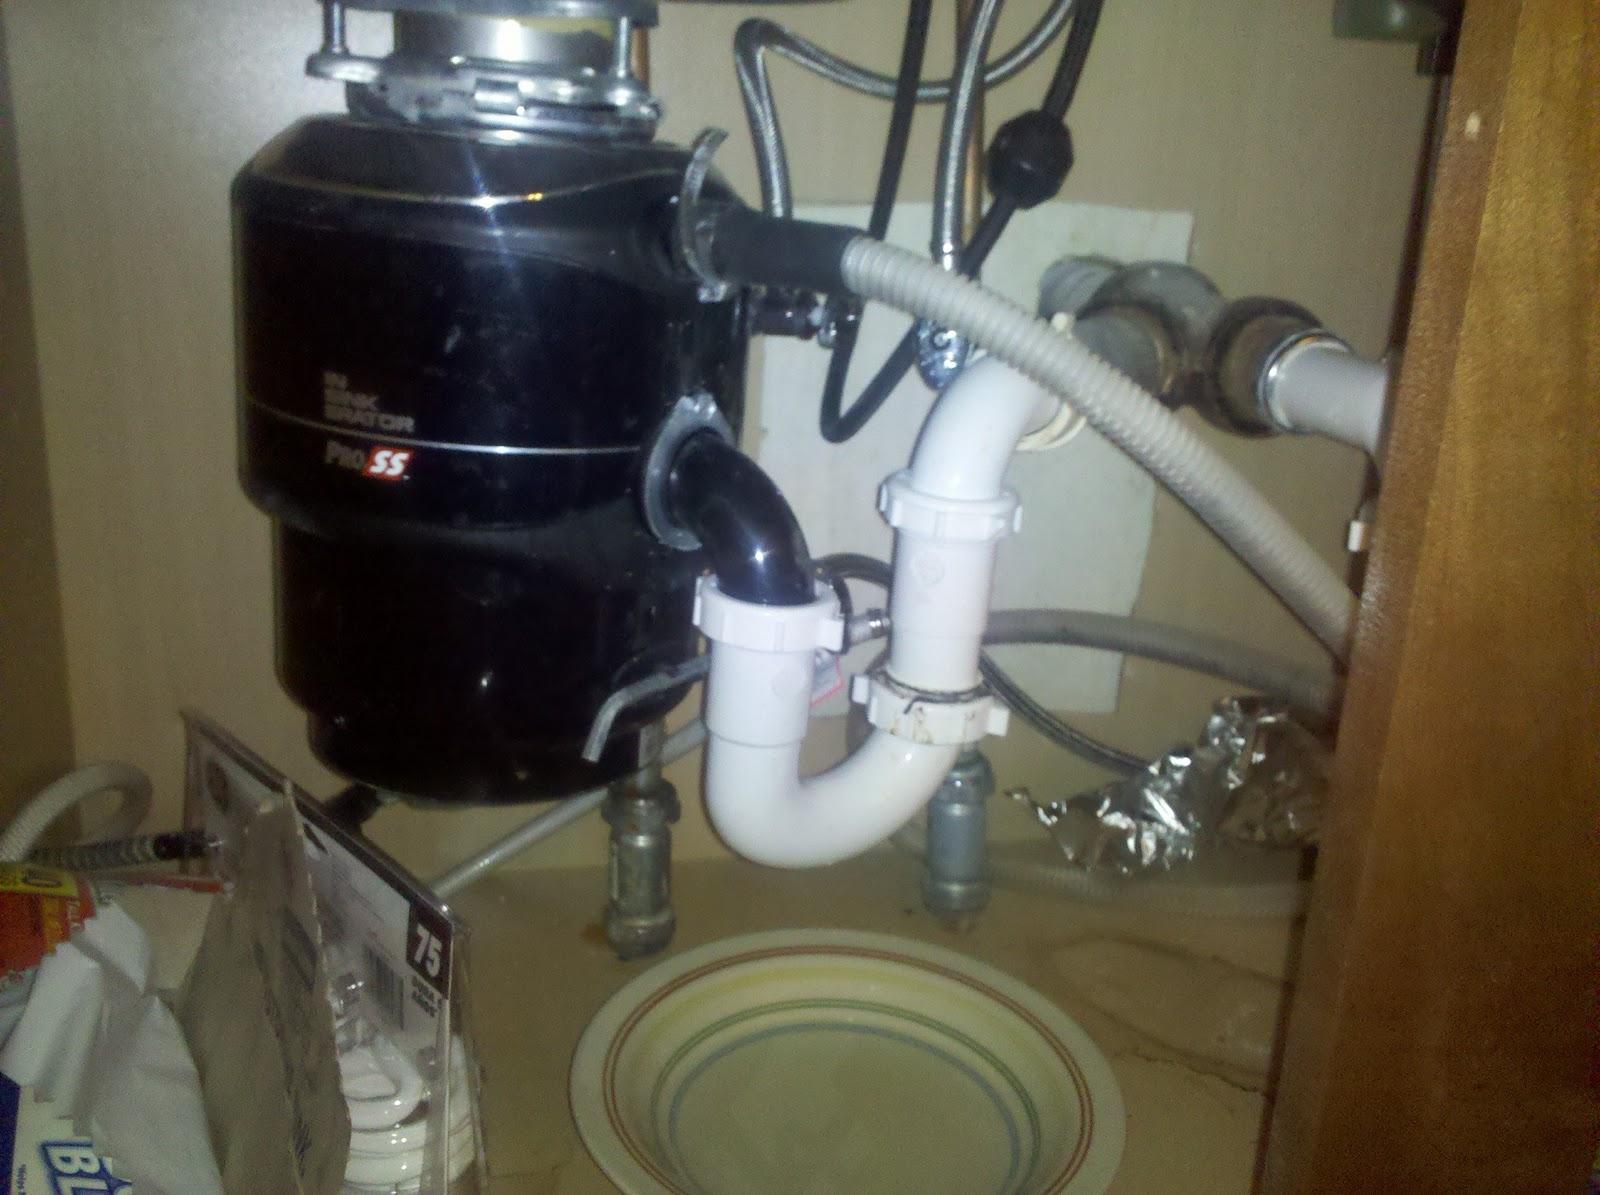 Kitchen Sink Started Leaking